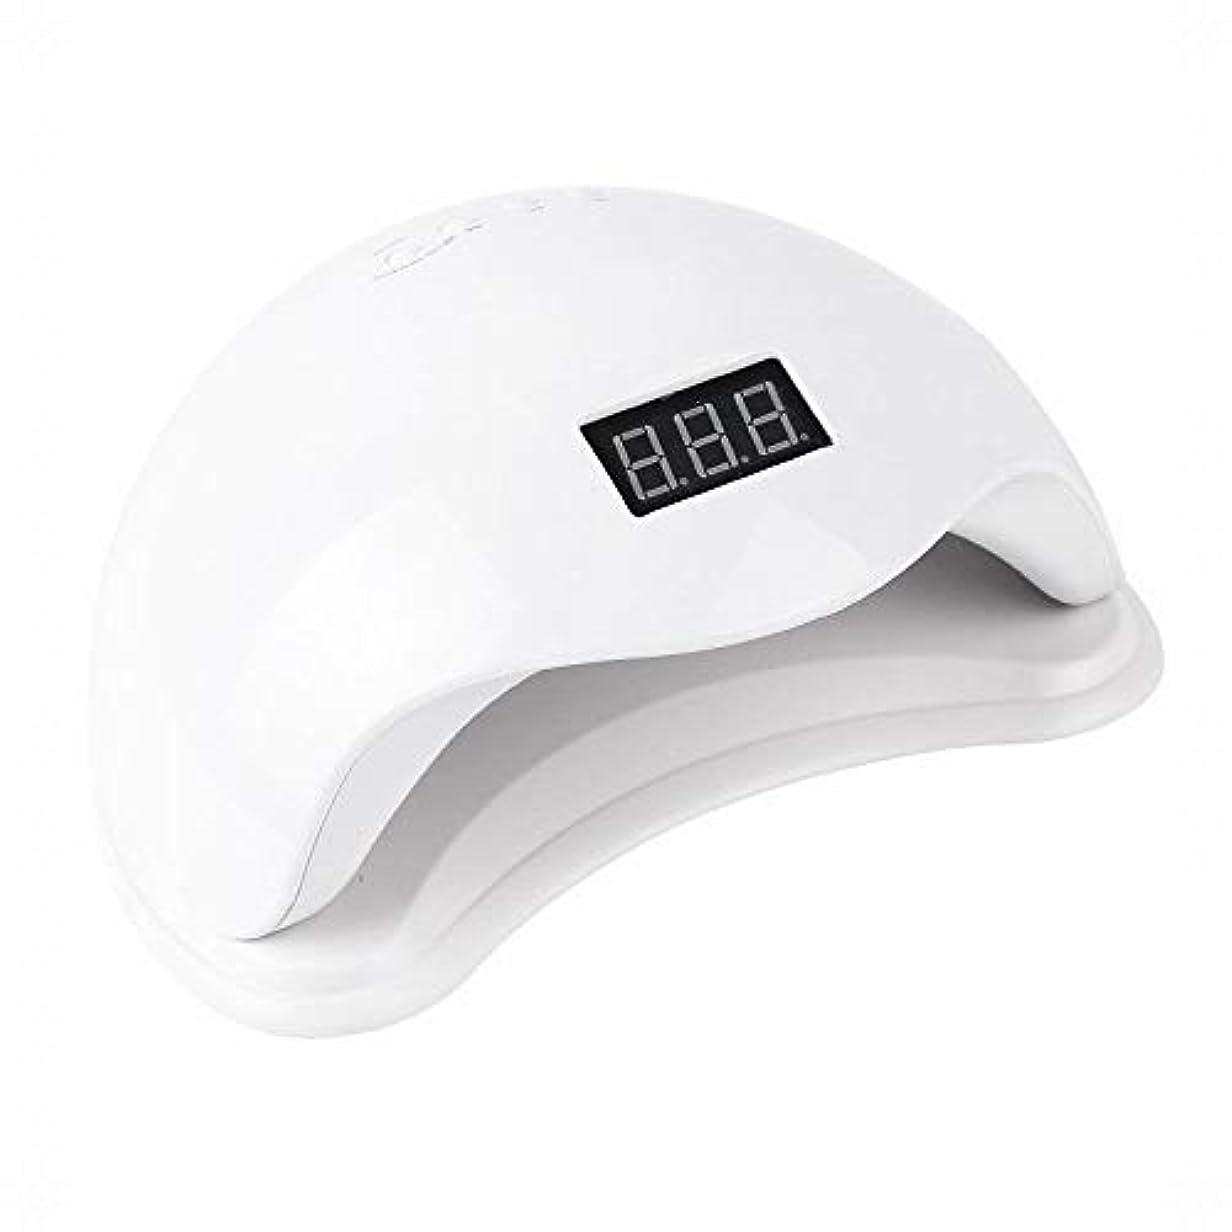 抱擁制限唯一YESONEEP 48ワットネイル光線療法機誘導速乾性無痛ネイルランプUV光線療法ランプLED (Size : 48W)